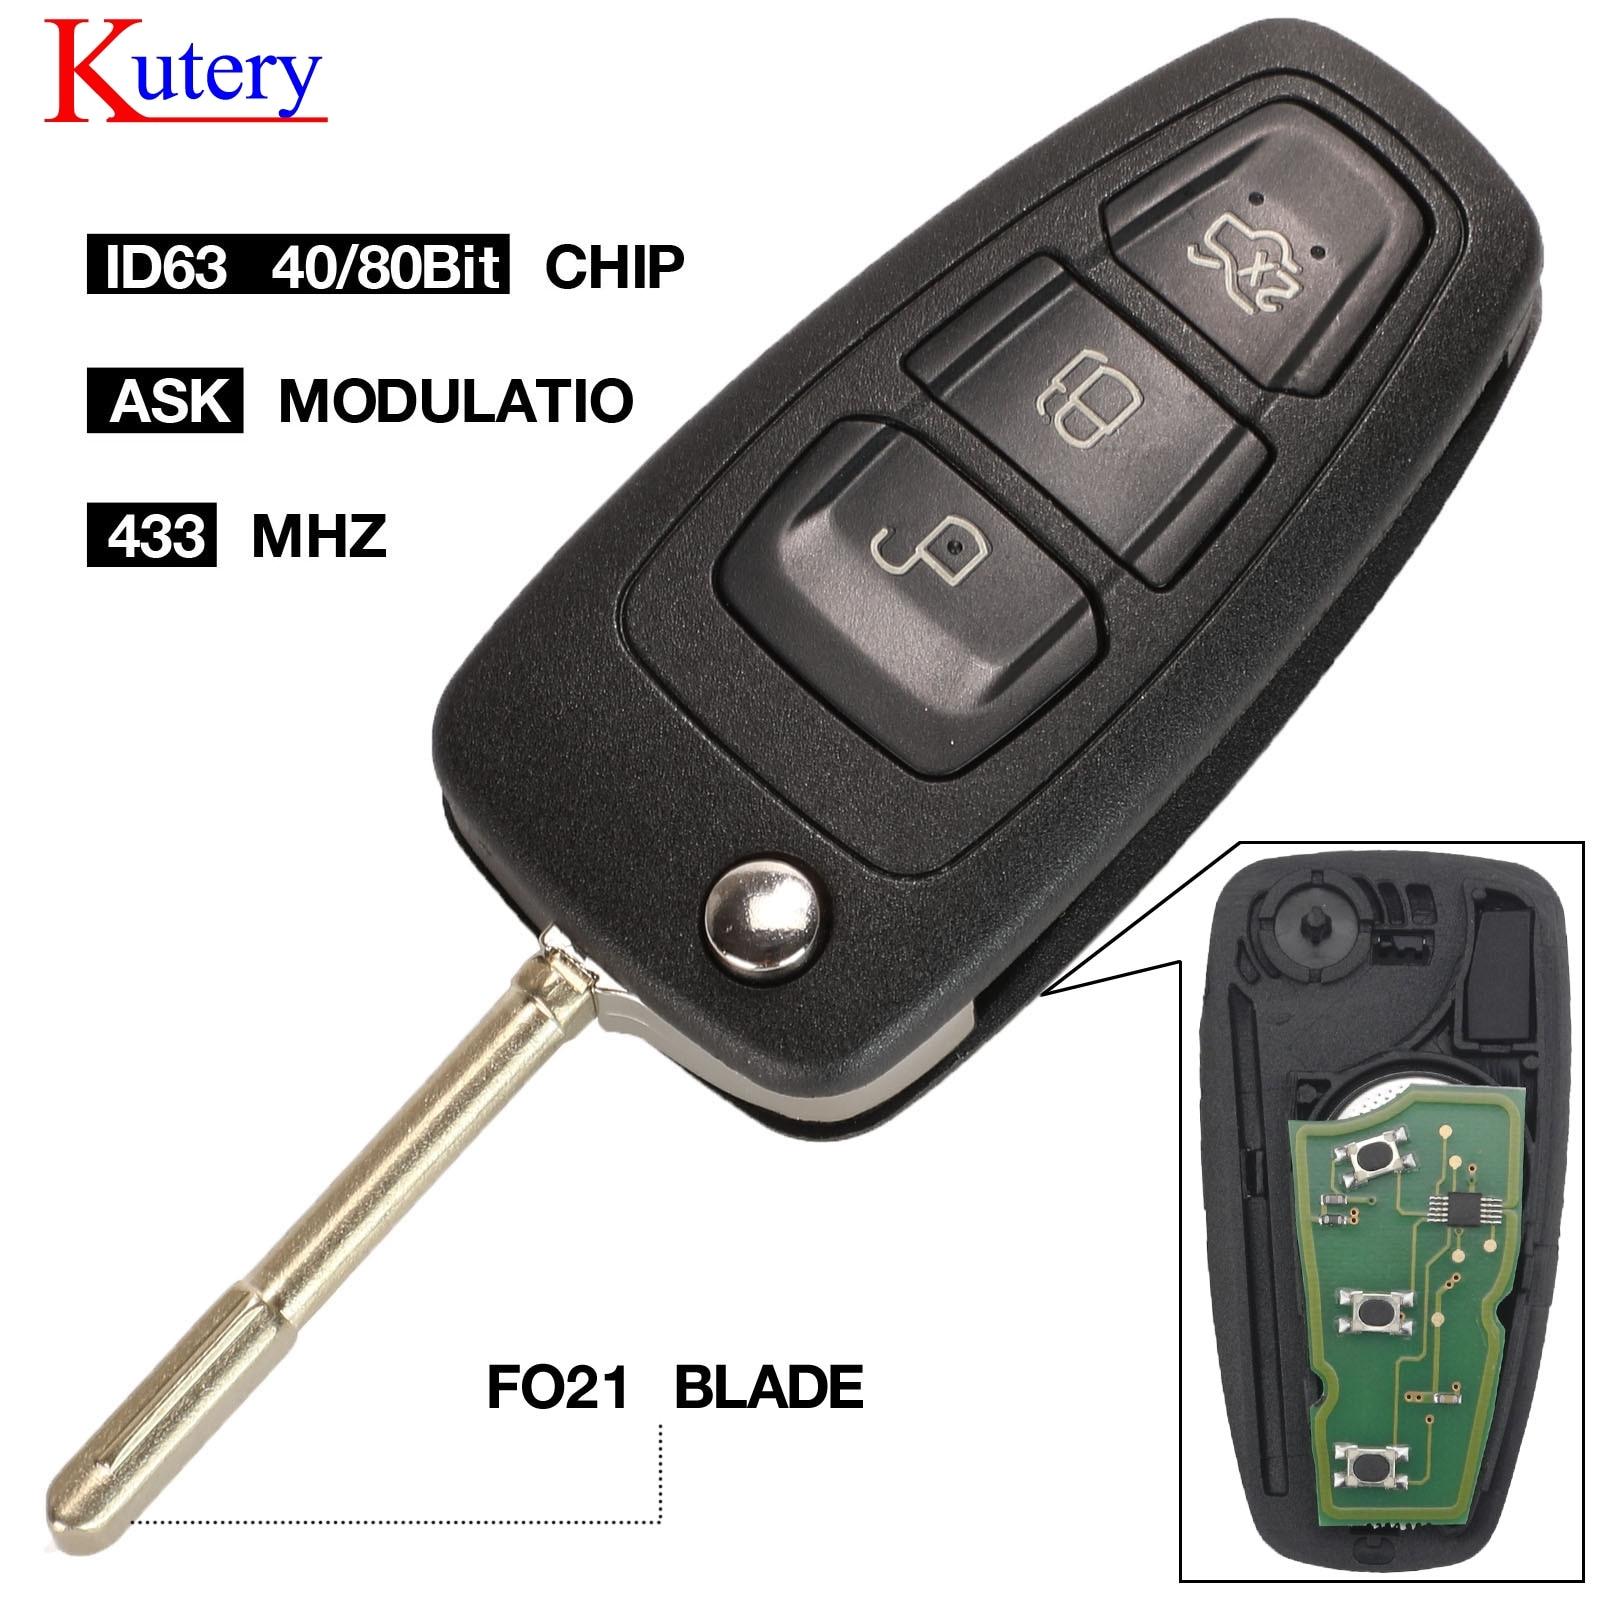 Carcasa de repuesto para llave de coche con 3 botones FO21 Blade Flip Cubierta para mando a distancia plegable para Focus Mk1 Mondeo Transit Connect